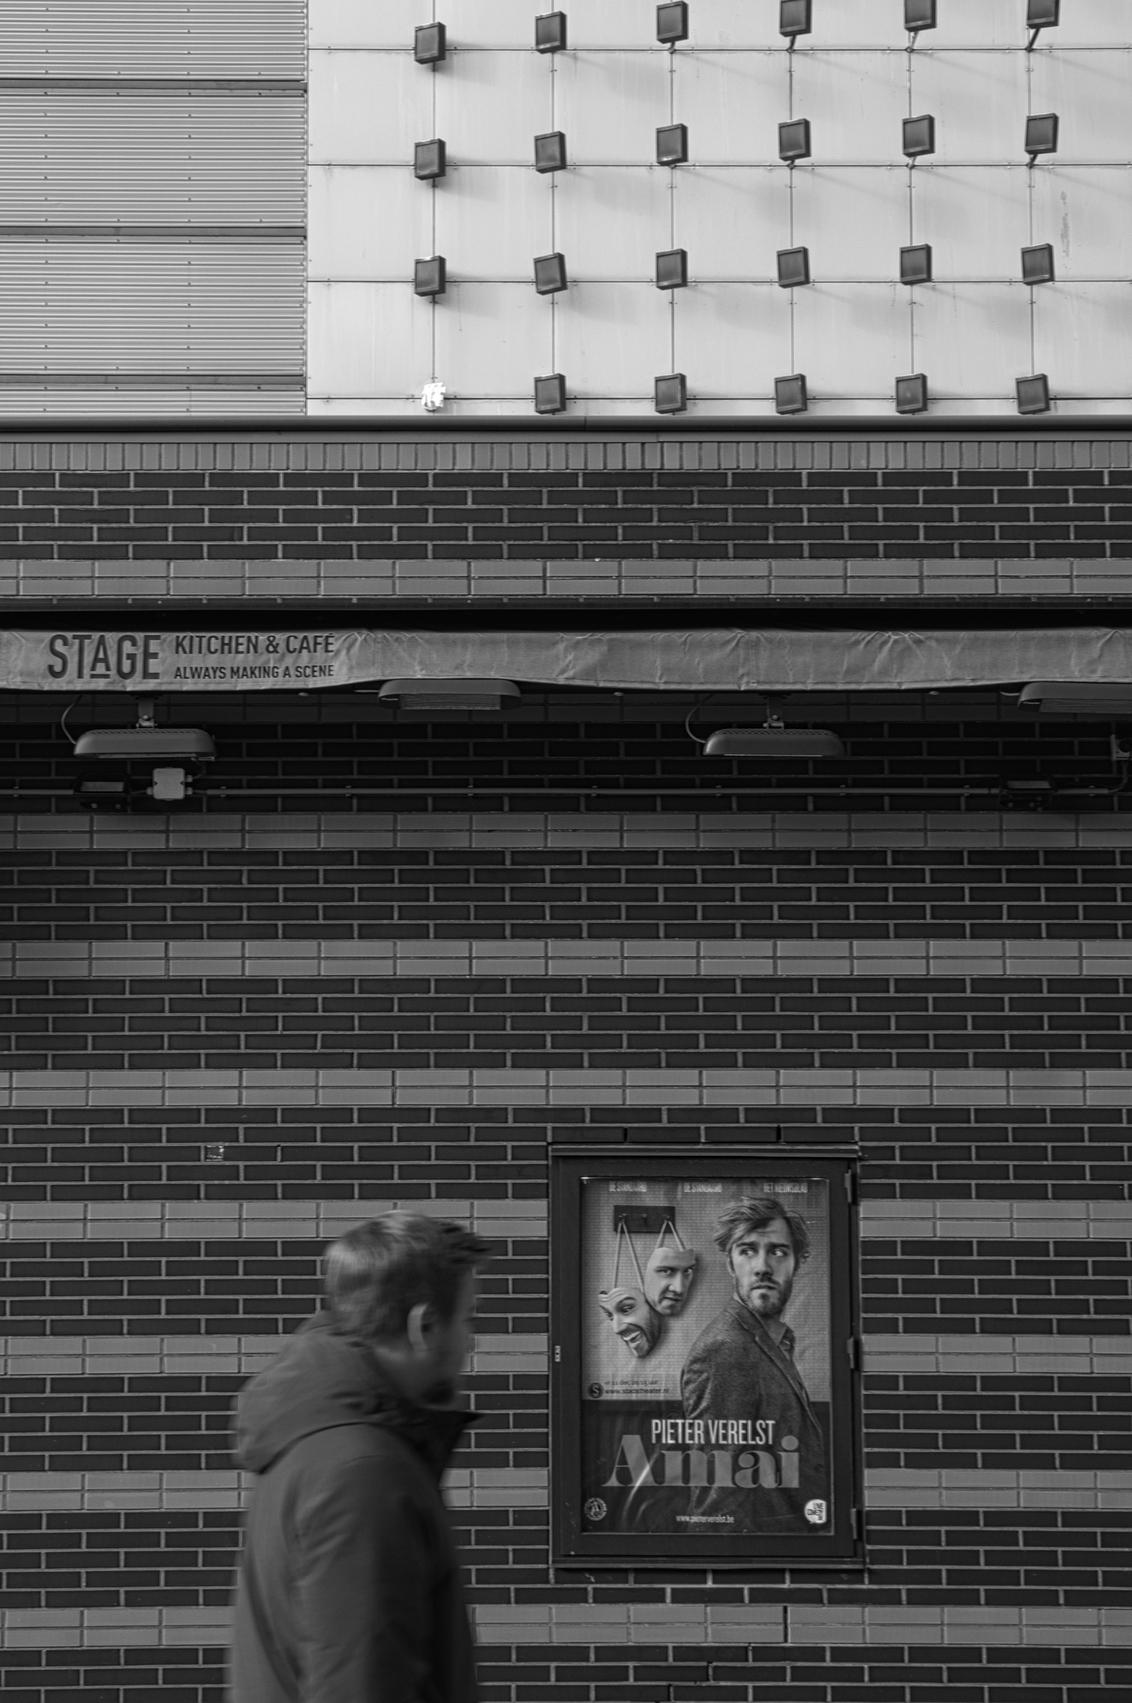 Kijk - Wie kijkt naar wie.   Alle zoomers, zoomvrienden en -volgers, bedankt voor de waardering, tips en aandachtspunten op mijn vorige upload - foto door PaulvanVliet op 07-03-2021 - deze foto bevat: cafe, man, poster, mensen, straat, licht, portret, architectuur, stad, theater, zwartwit, beweging, straatfotografie, centrum, zoetermeer, baard, stadshart, wandelaar, affiche, stadstheater, cadenza